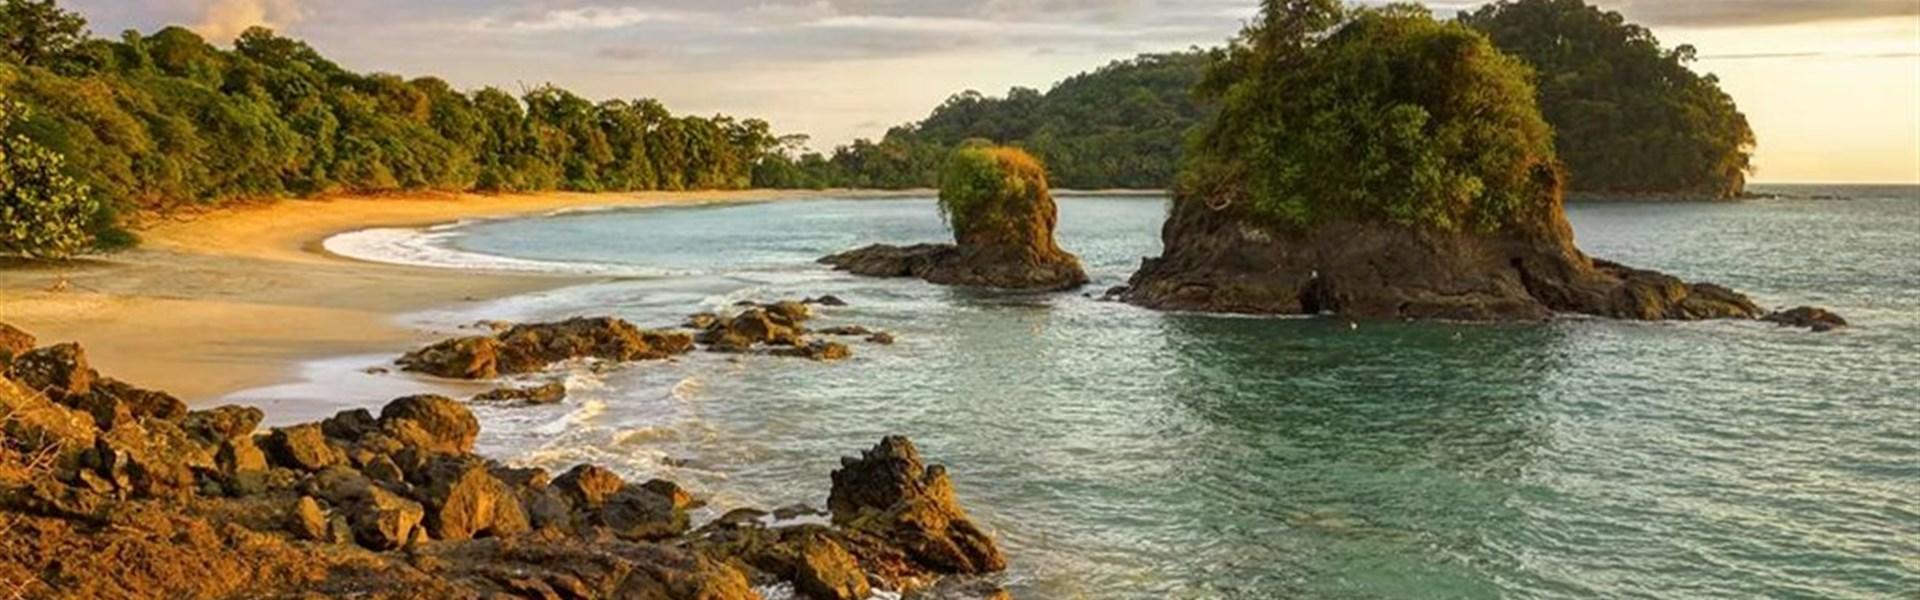 14denní okruh Kostarikou za poznáním i odpočinkem s českým průvodcem -